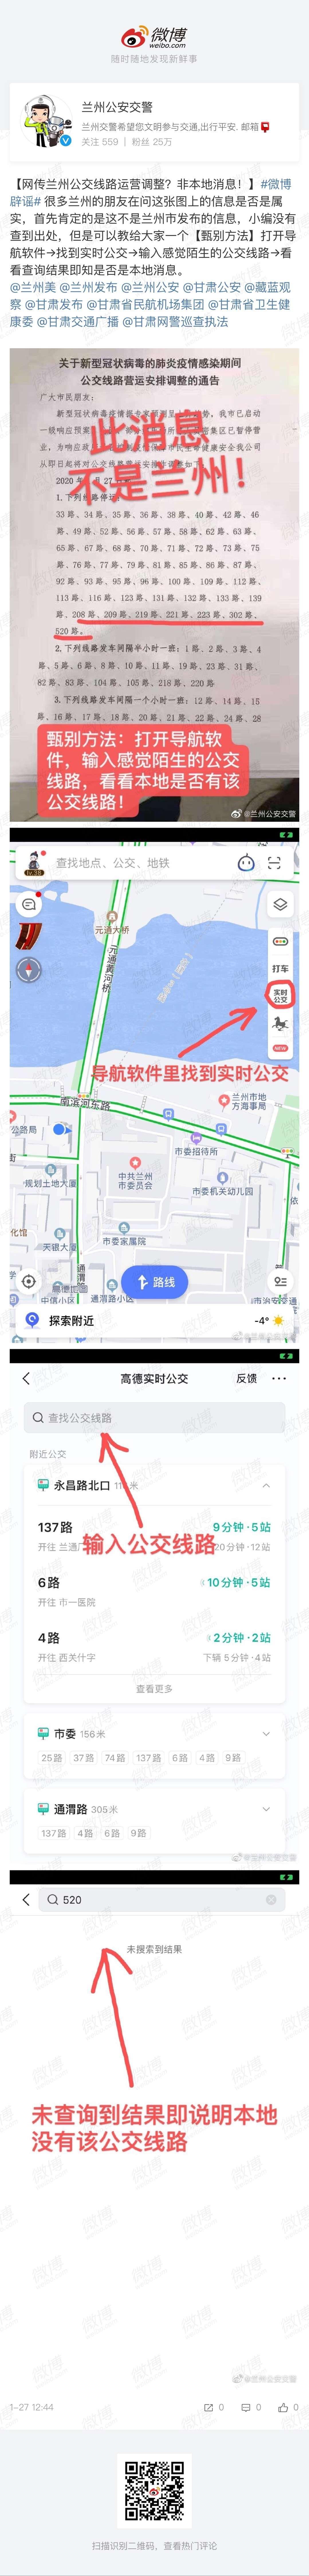 网传兰州公交线路运营调整?非本地消息!